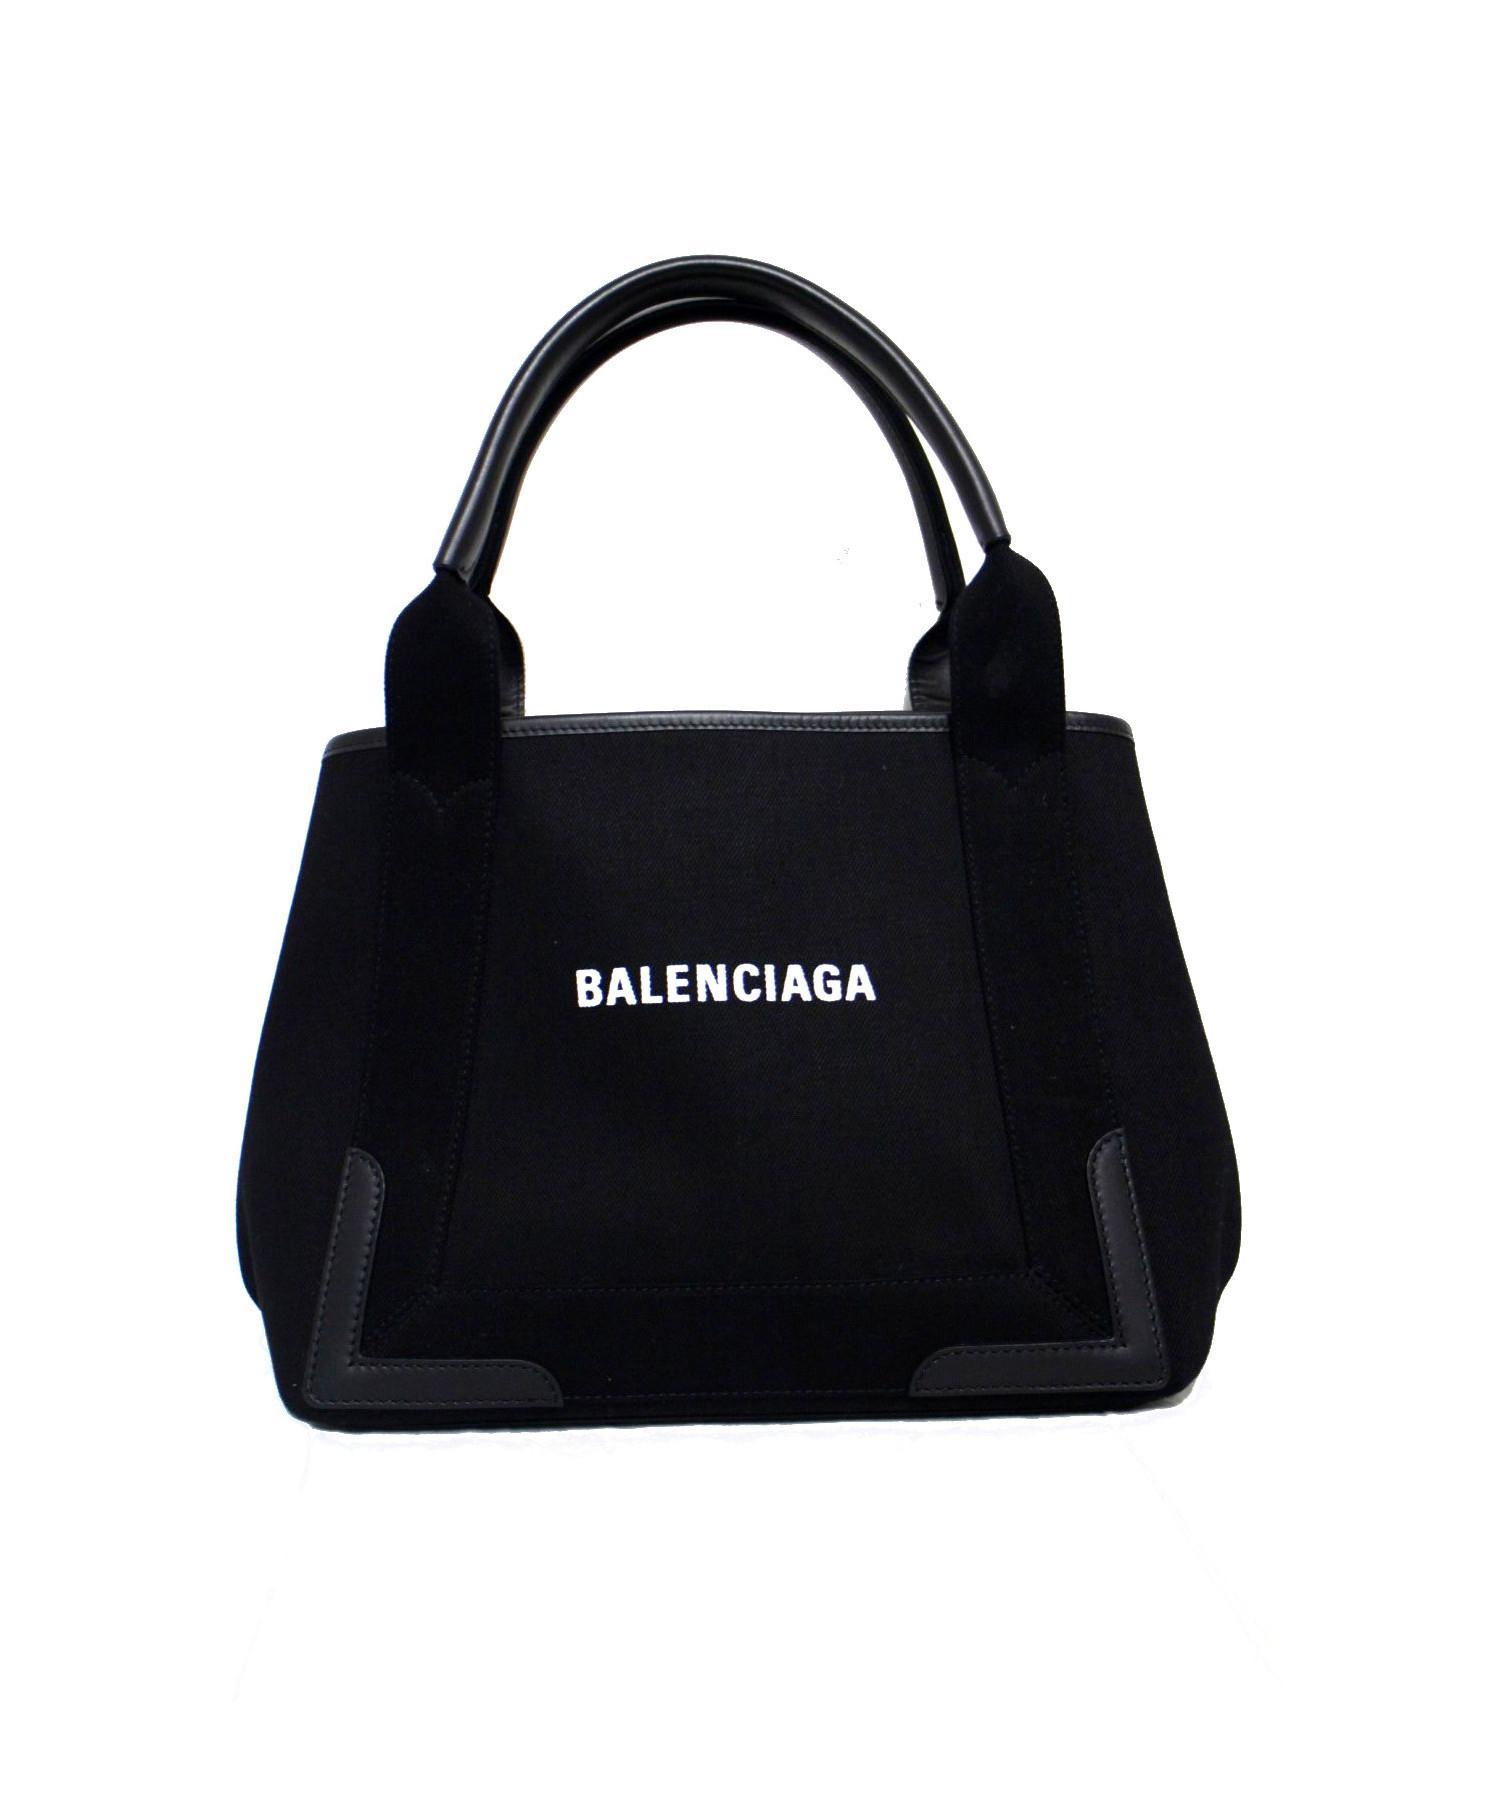 promo code 9adcf 66cf7 [中古]BALENCIAGA(バレンシアガ)のレディース バッグ キャンバストートバッグ